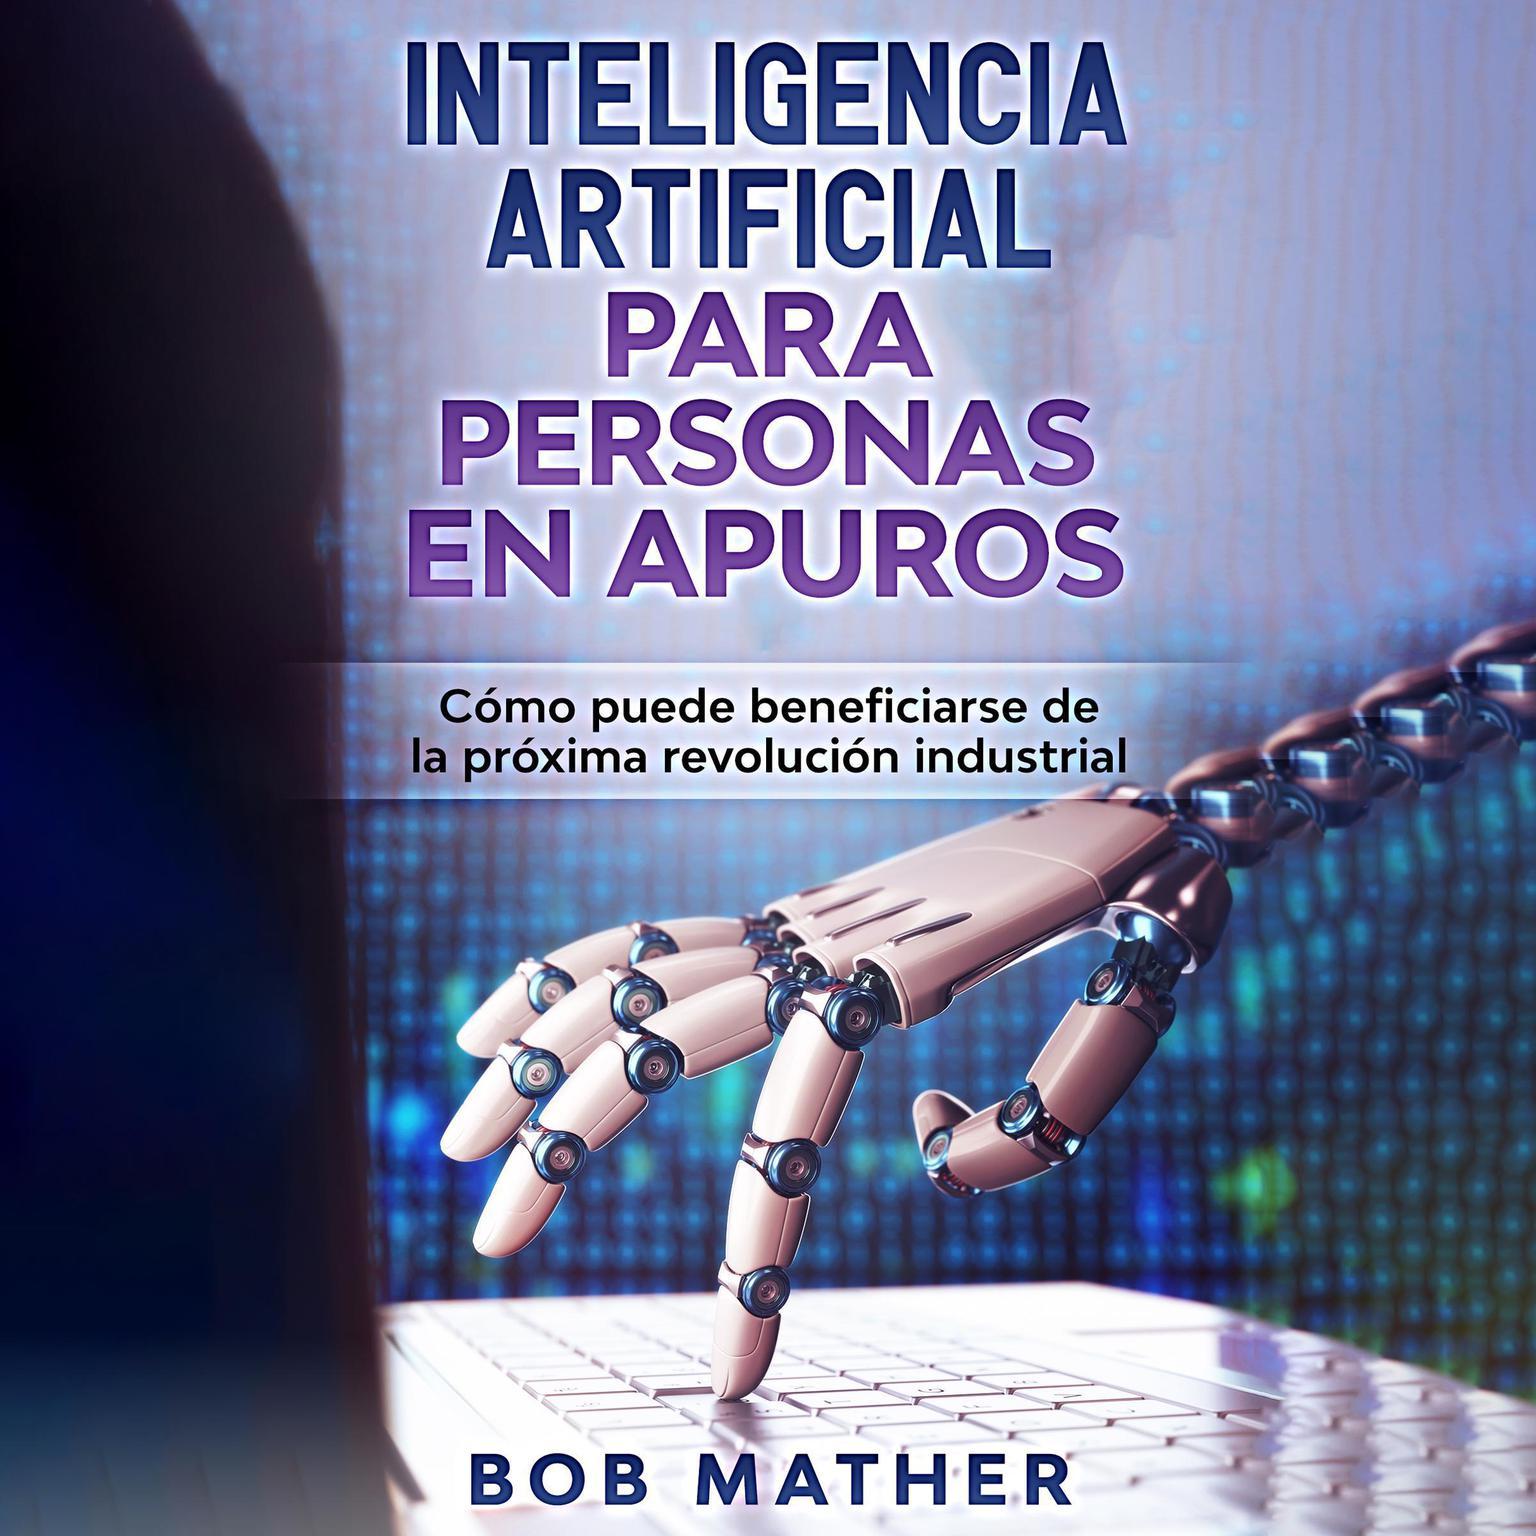 Inteligencia artificial para personas en apuros: Cómo puede beneficiarse de la próxima revolución industrial Audiobook, by Bob Mather